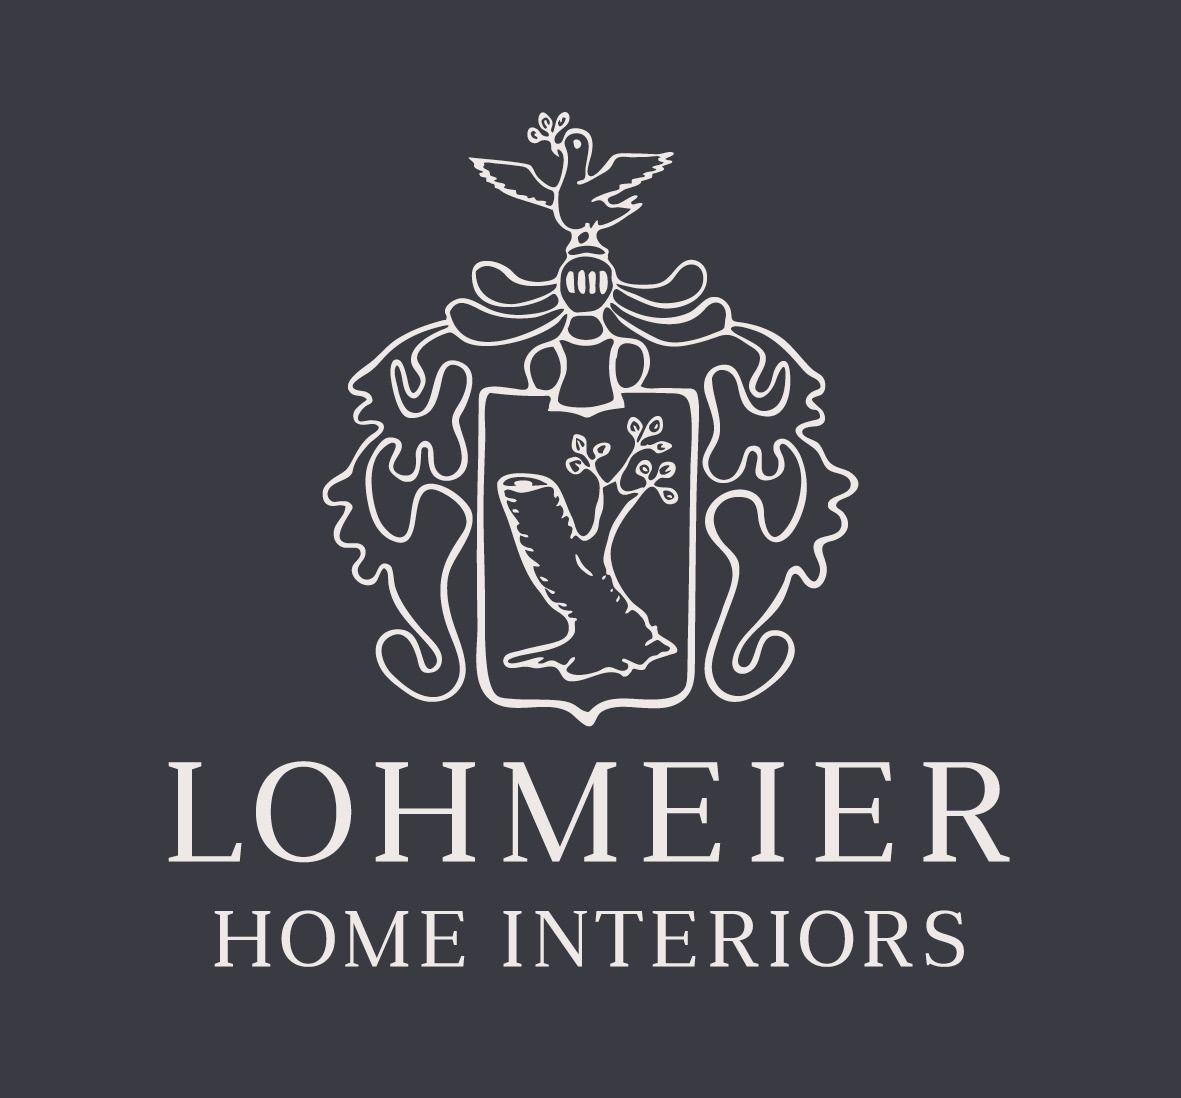 https://groepper-it.de/wp-content/uploads/2021/05/Logo_Lohmeier_neg.jpg